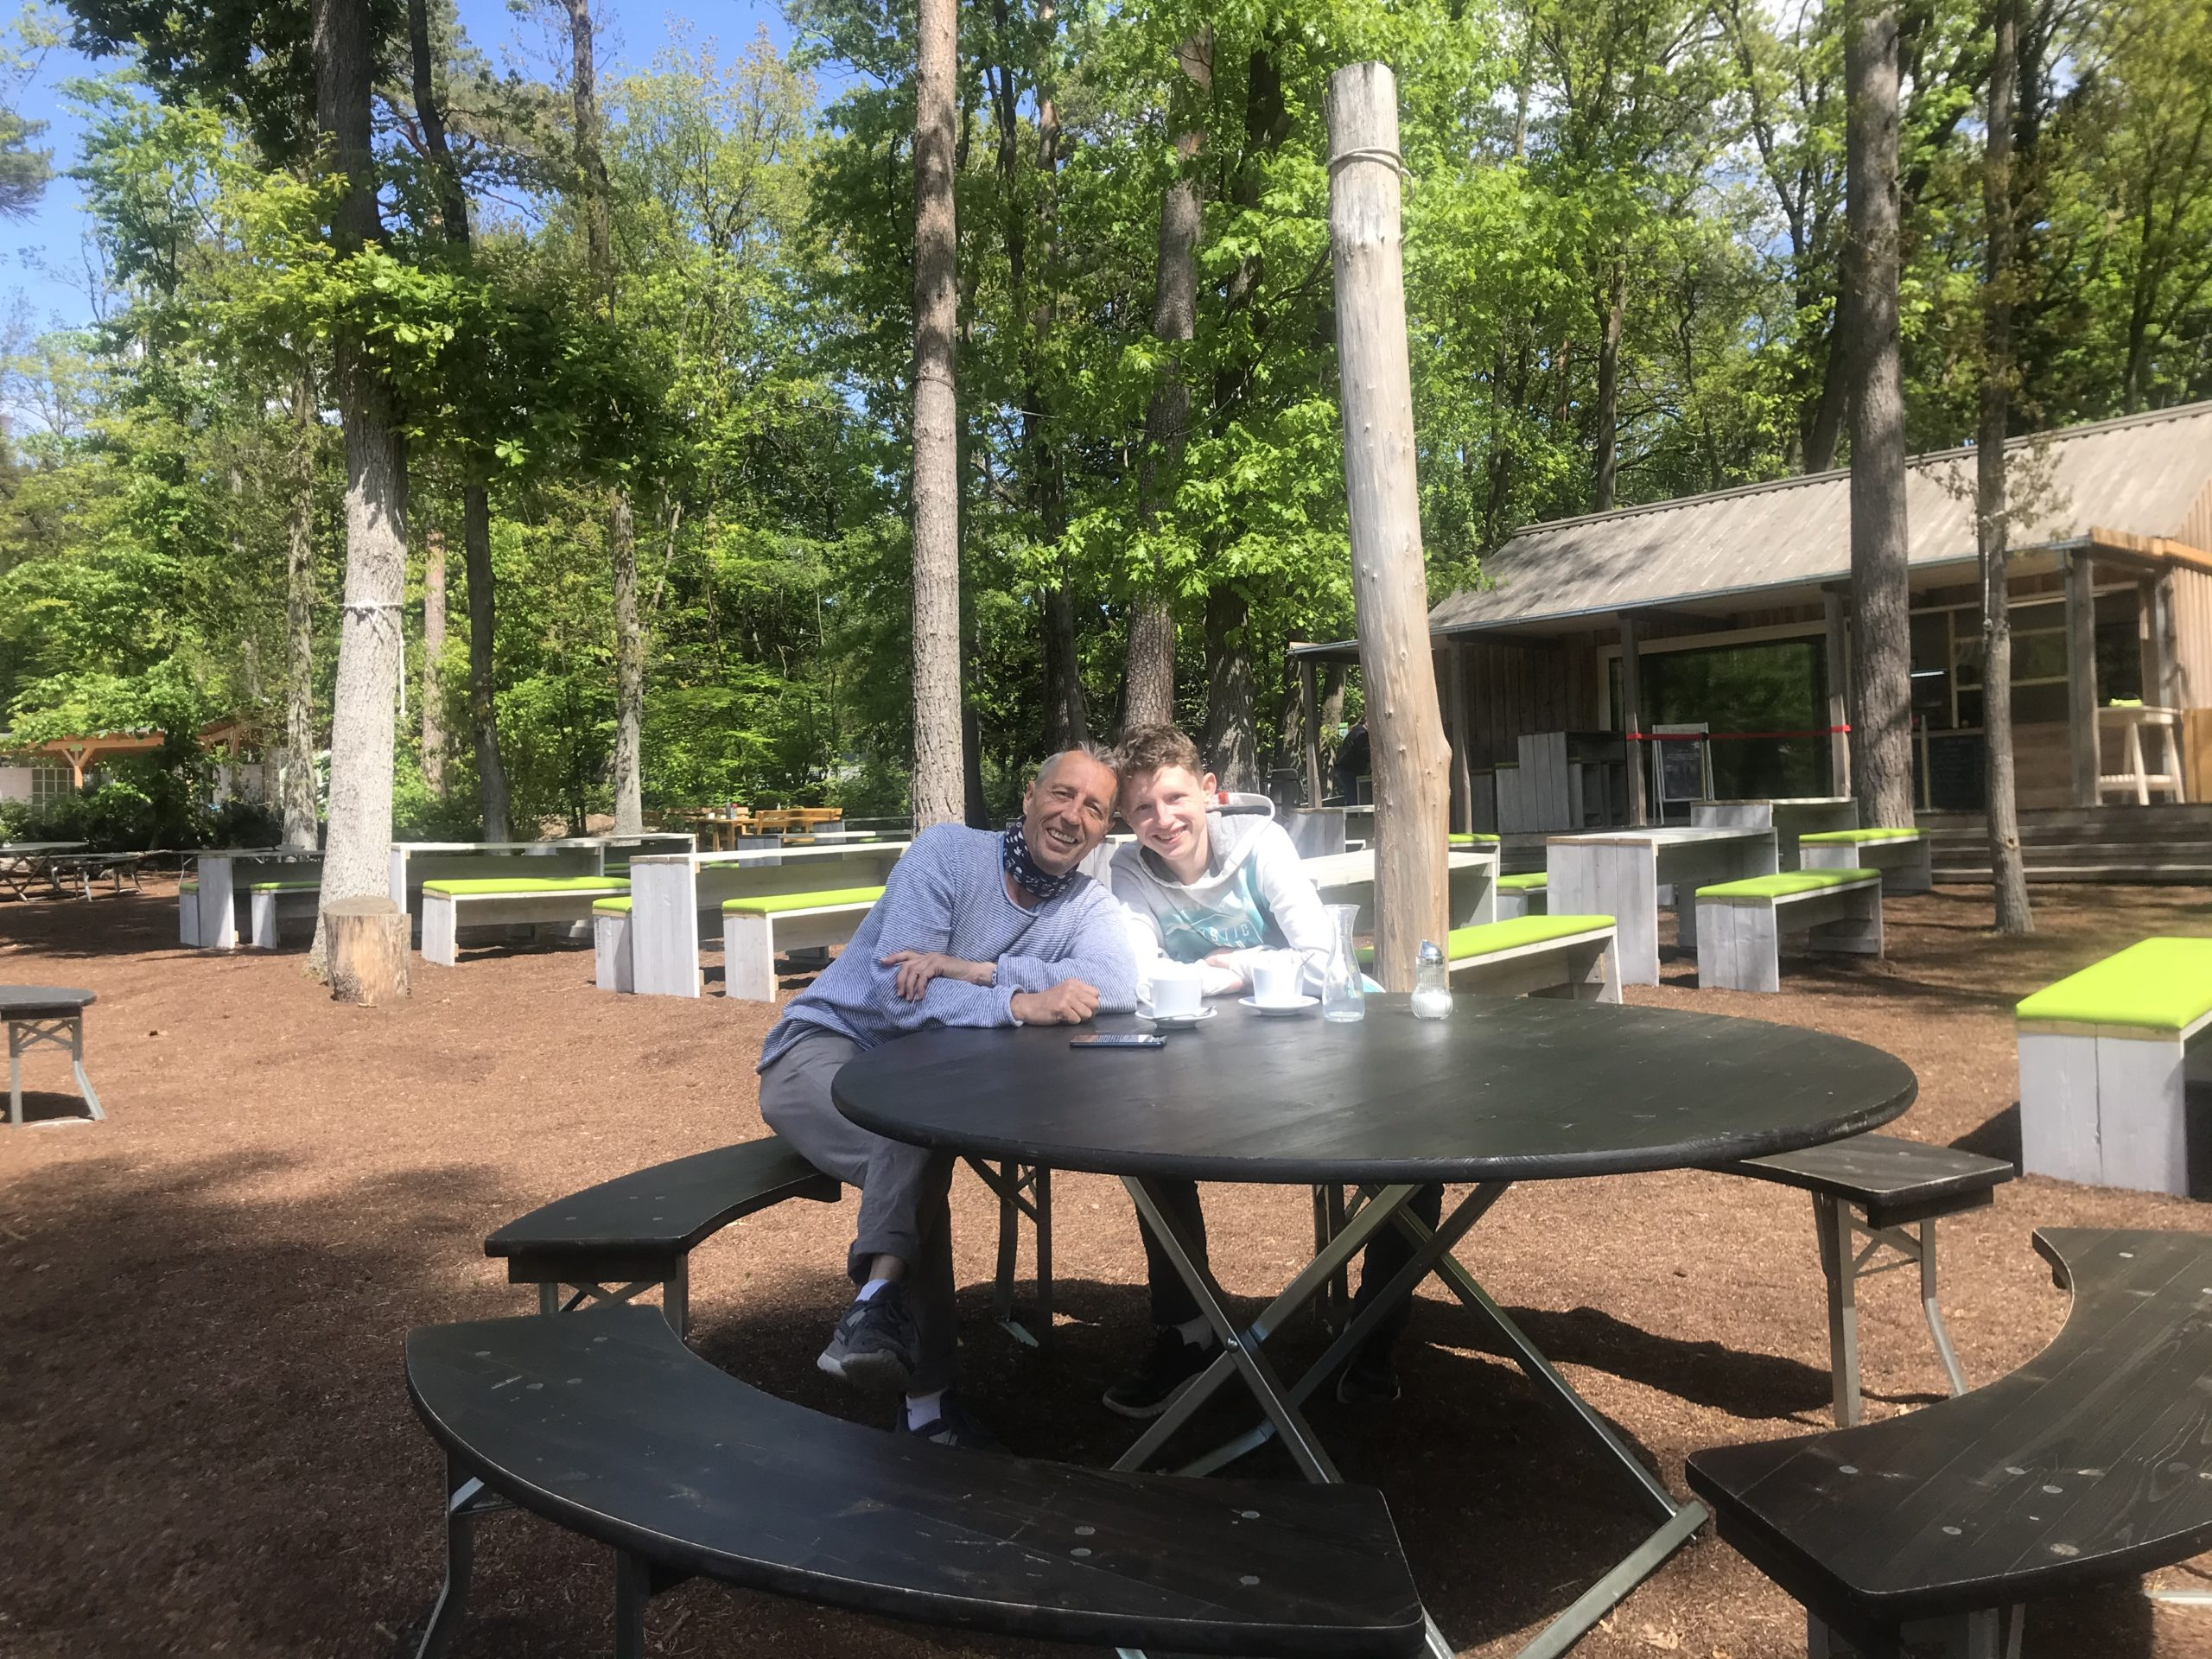 Vater und Sohn sitzen im Außen-Café des Barfußparks in Beelitz Heilstätten